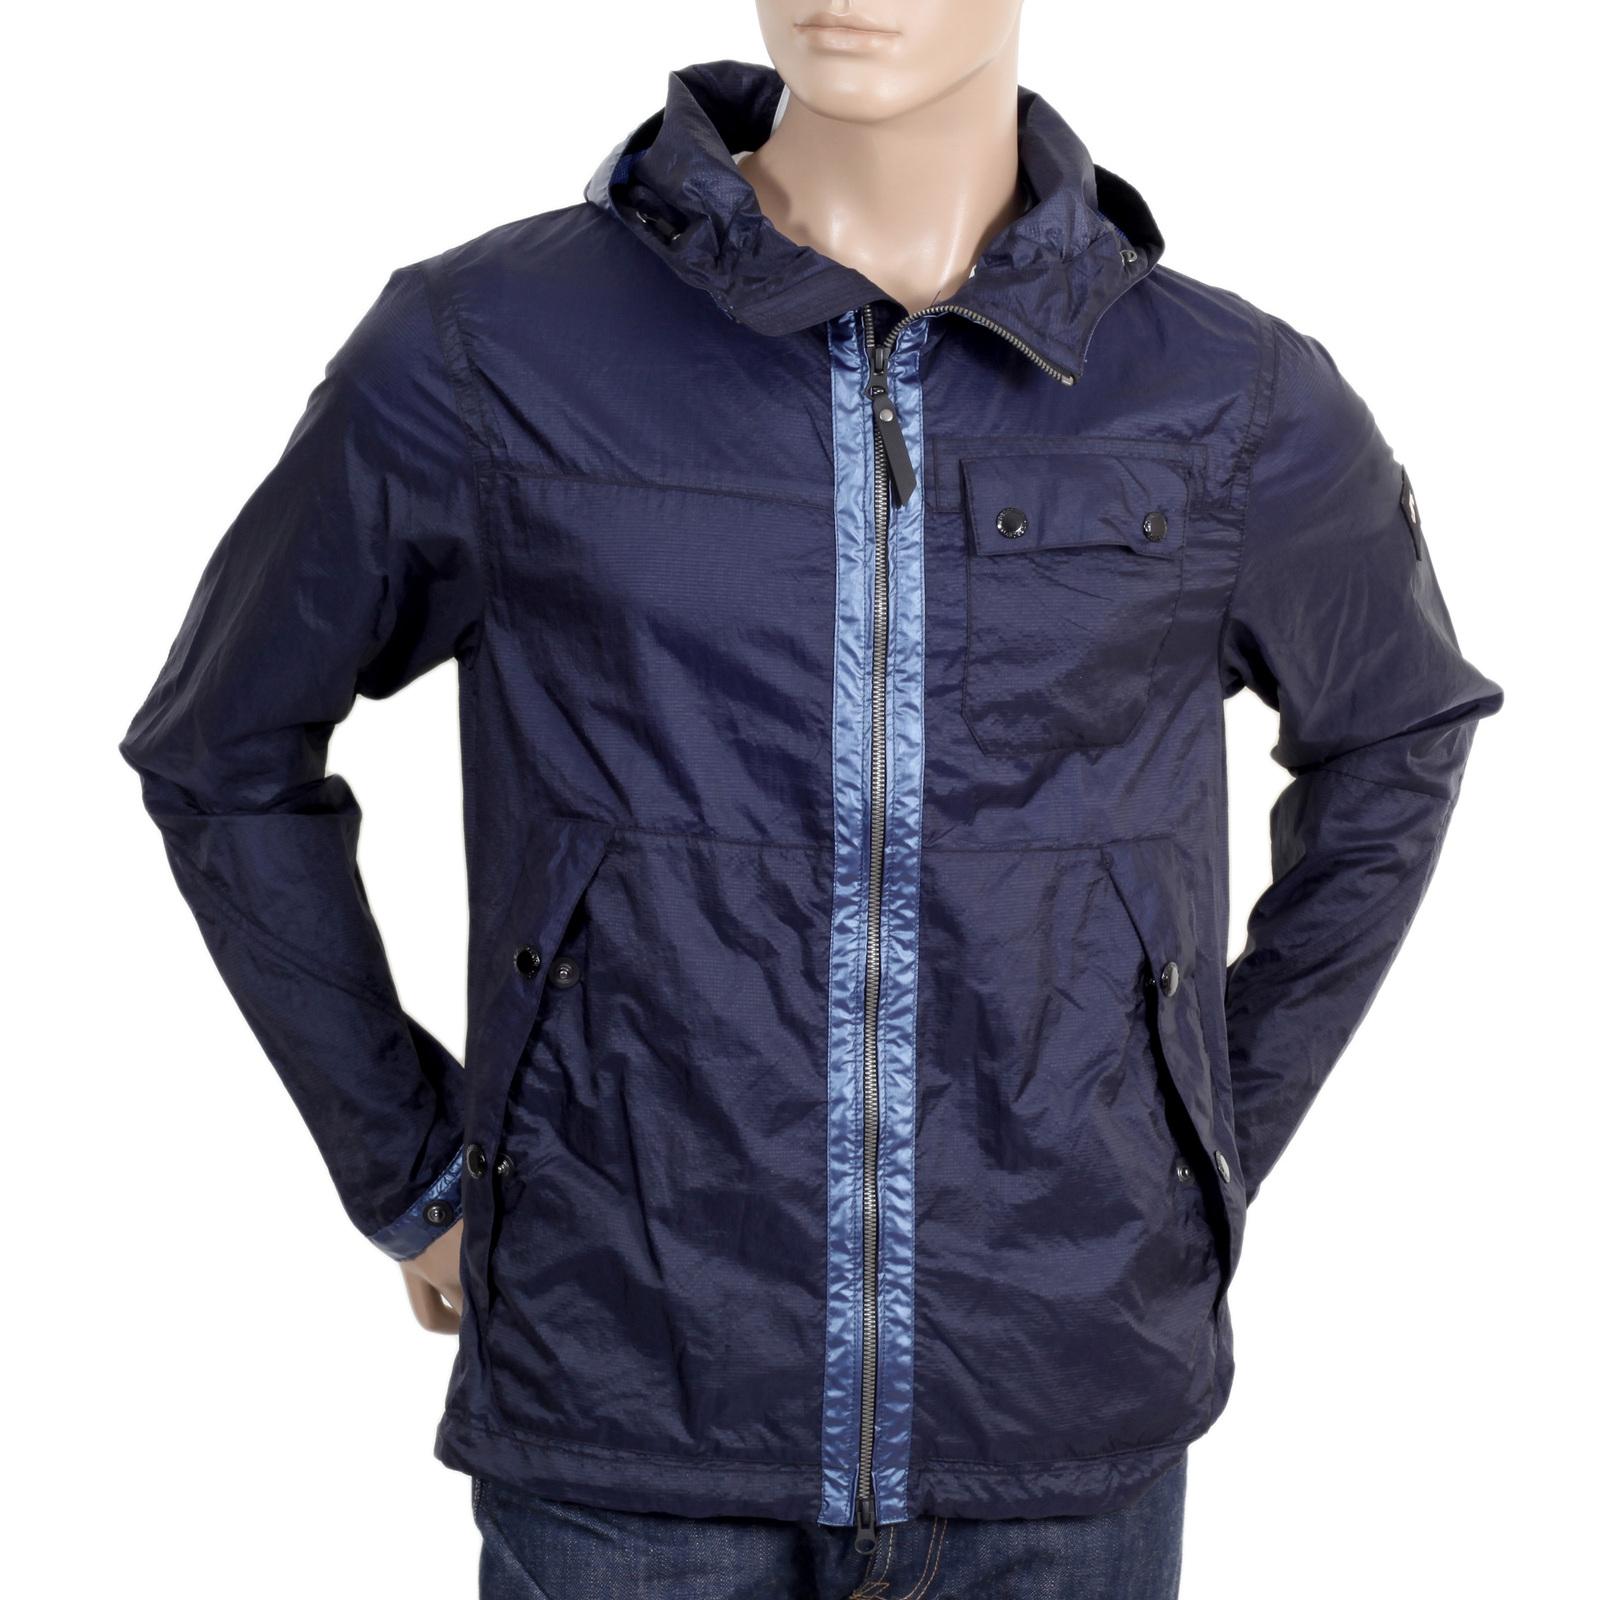 Mens jacket online - Descente Mens Parachute Fabric Jacket Desc3645